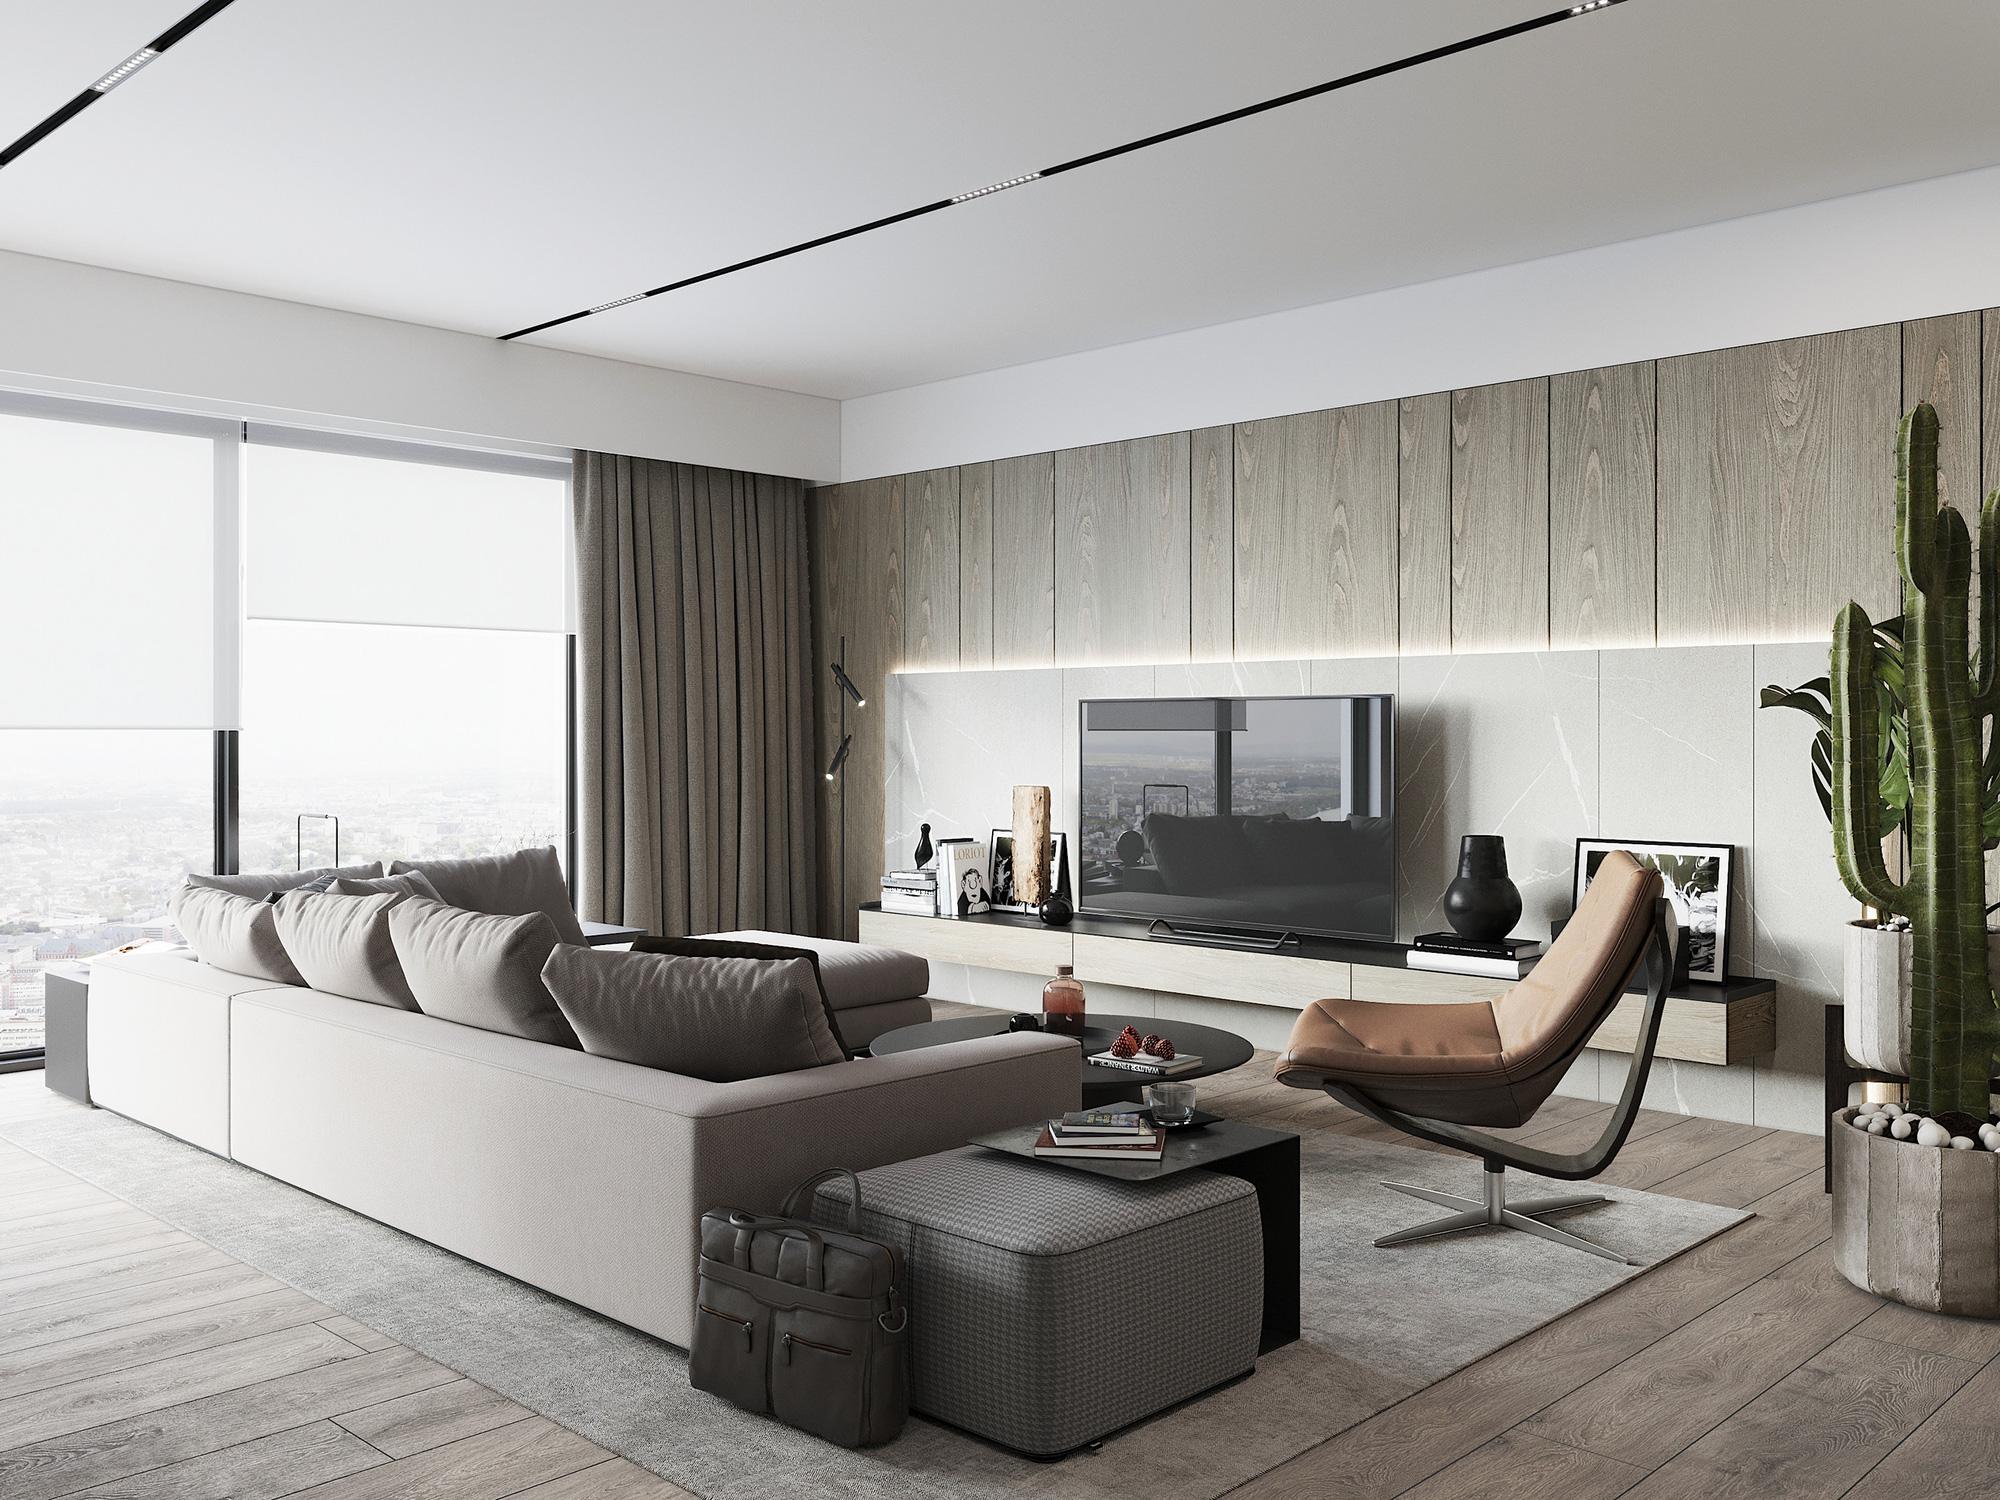 Kiến trúc sư tư vấn thiết kế căn hộ 76m² 2 phòng ngủ với chi phí tiết kiệm chỉ 189 triệu - Ảnh 4.